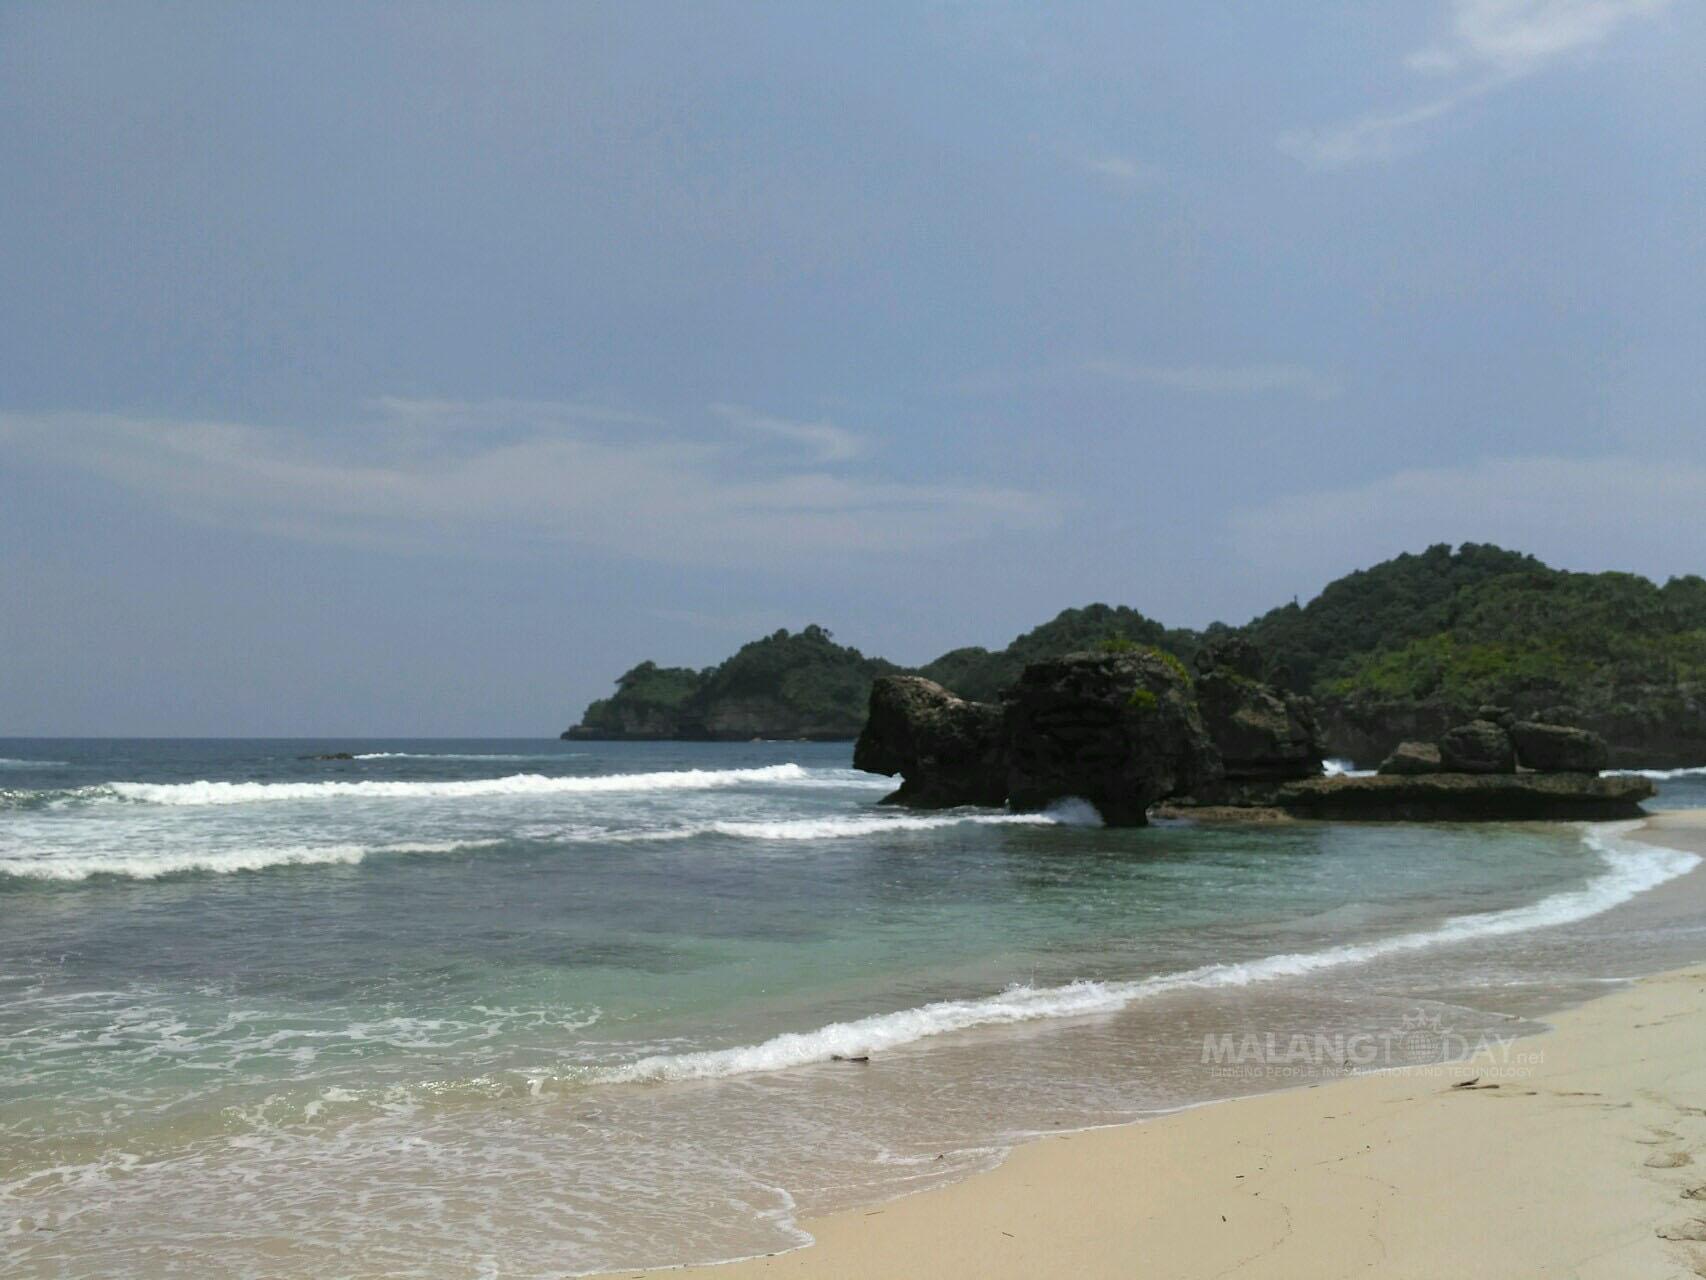 Indahnya Pasir Putih Pantai Selok Kabupaten Malang Pemandangan Dhimas Banyu